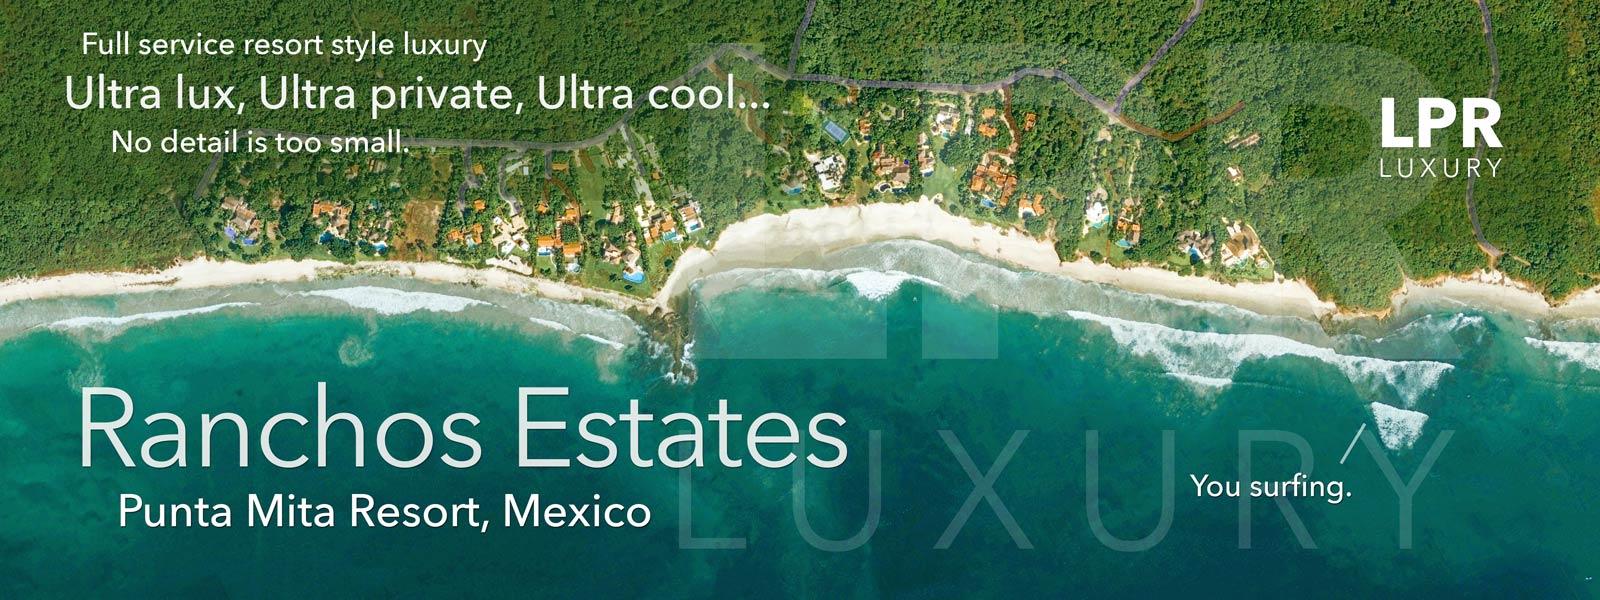 Ranchos Estates - Luxury Villas of the Punta Mita Resort, Mexico